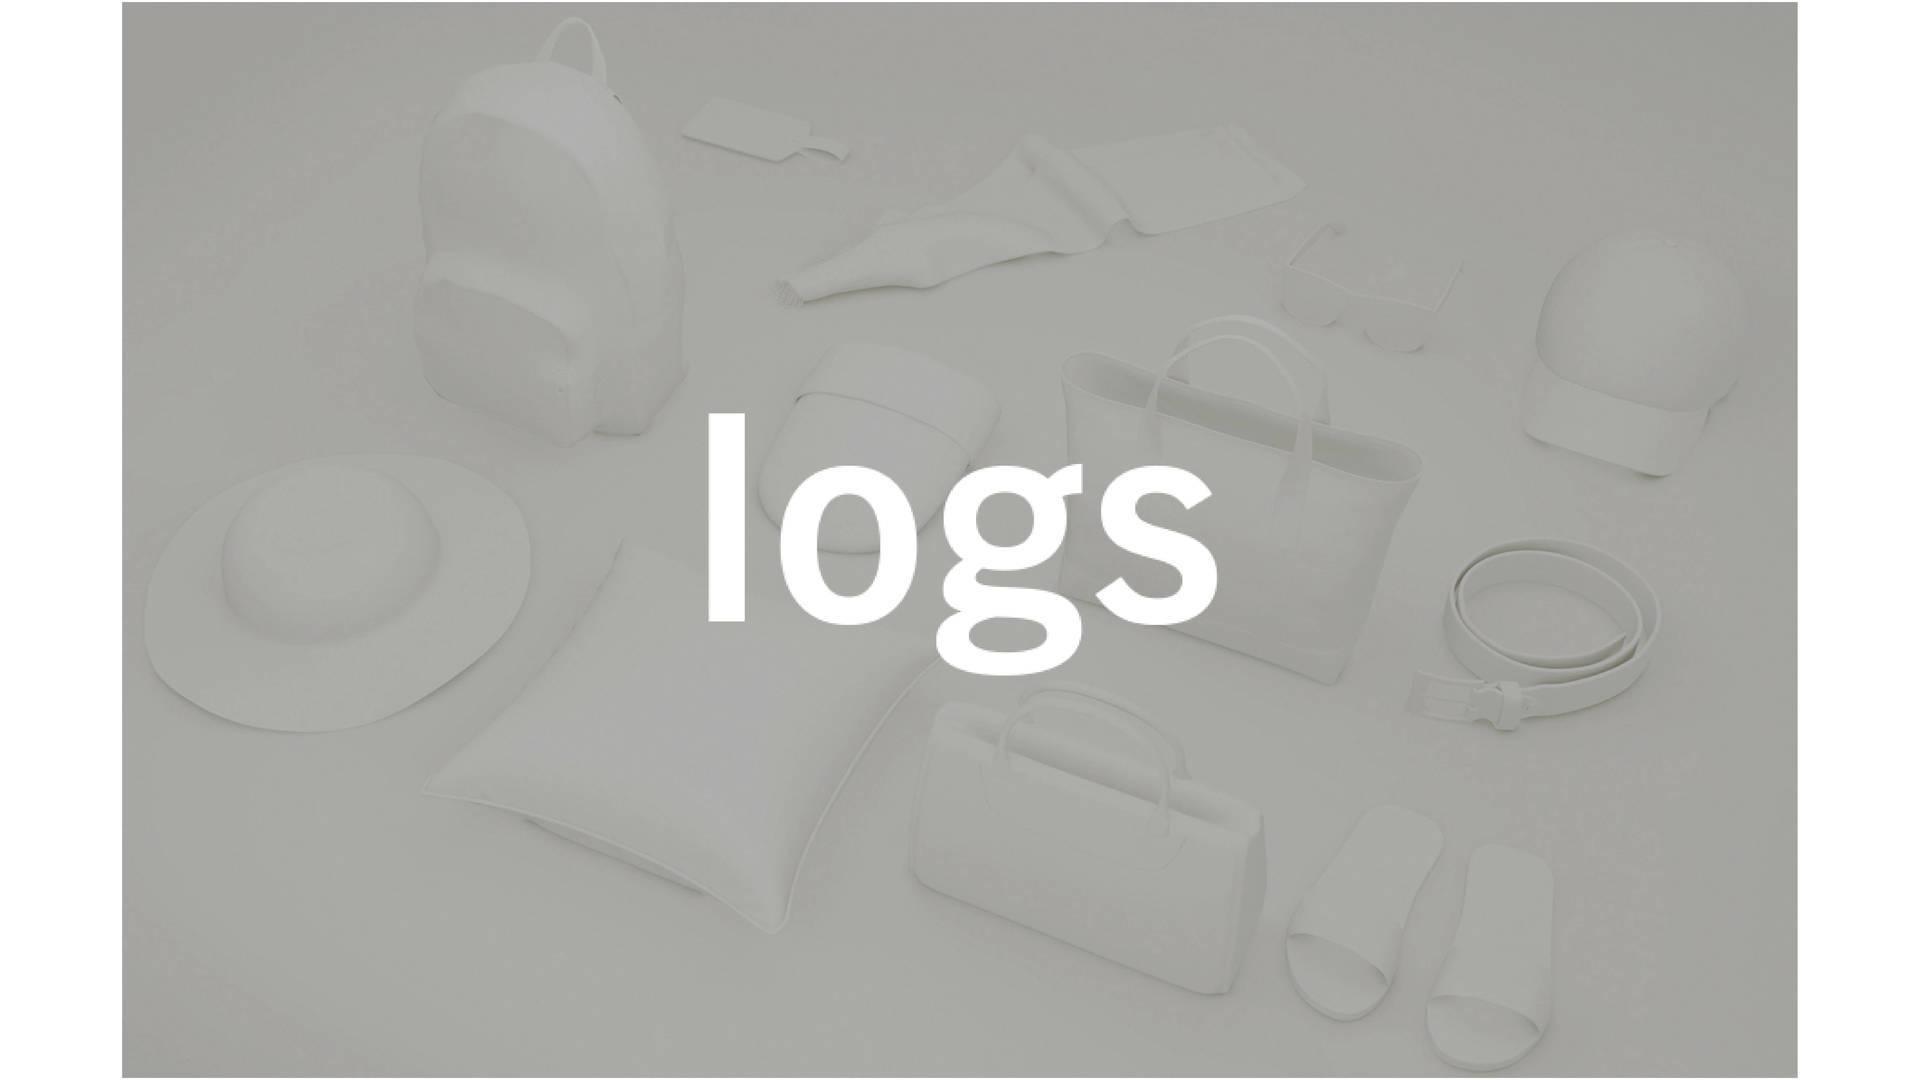 【軽作業アルバイト/パート募集】値付け、出荷及び簡単な事務作業のカバー写真